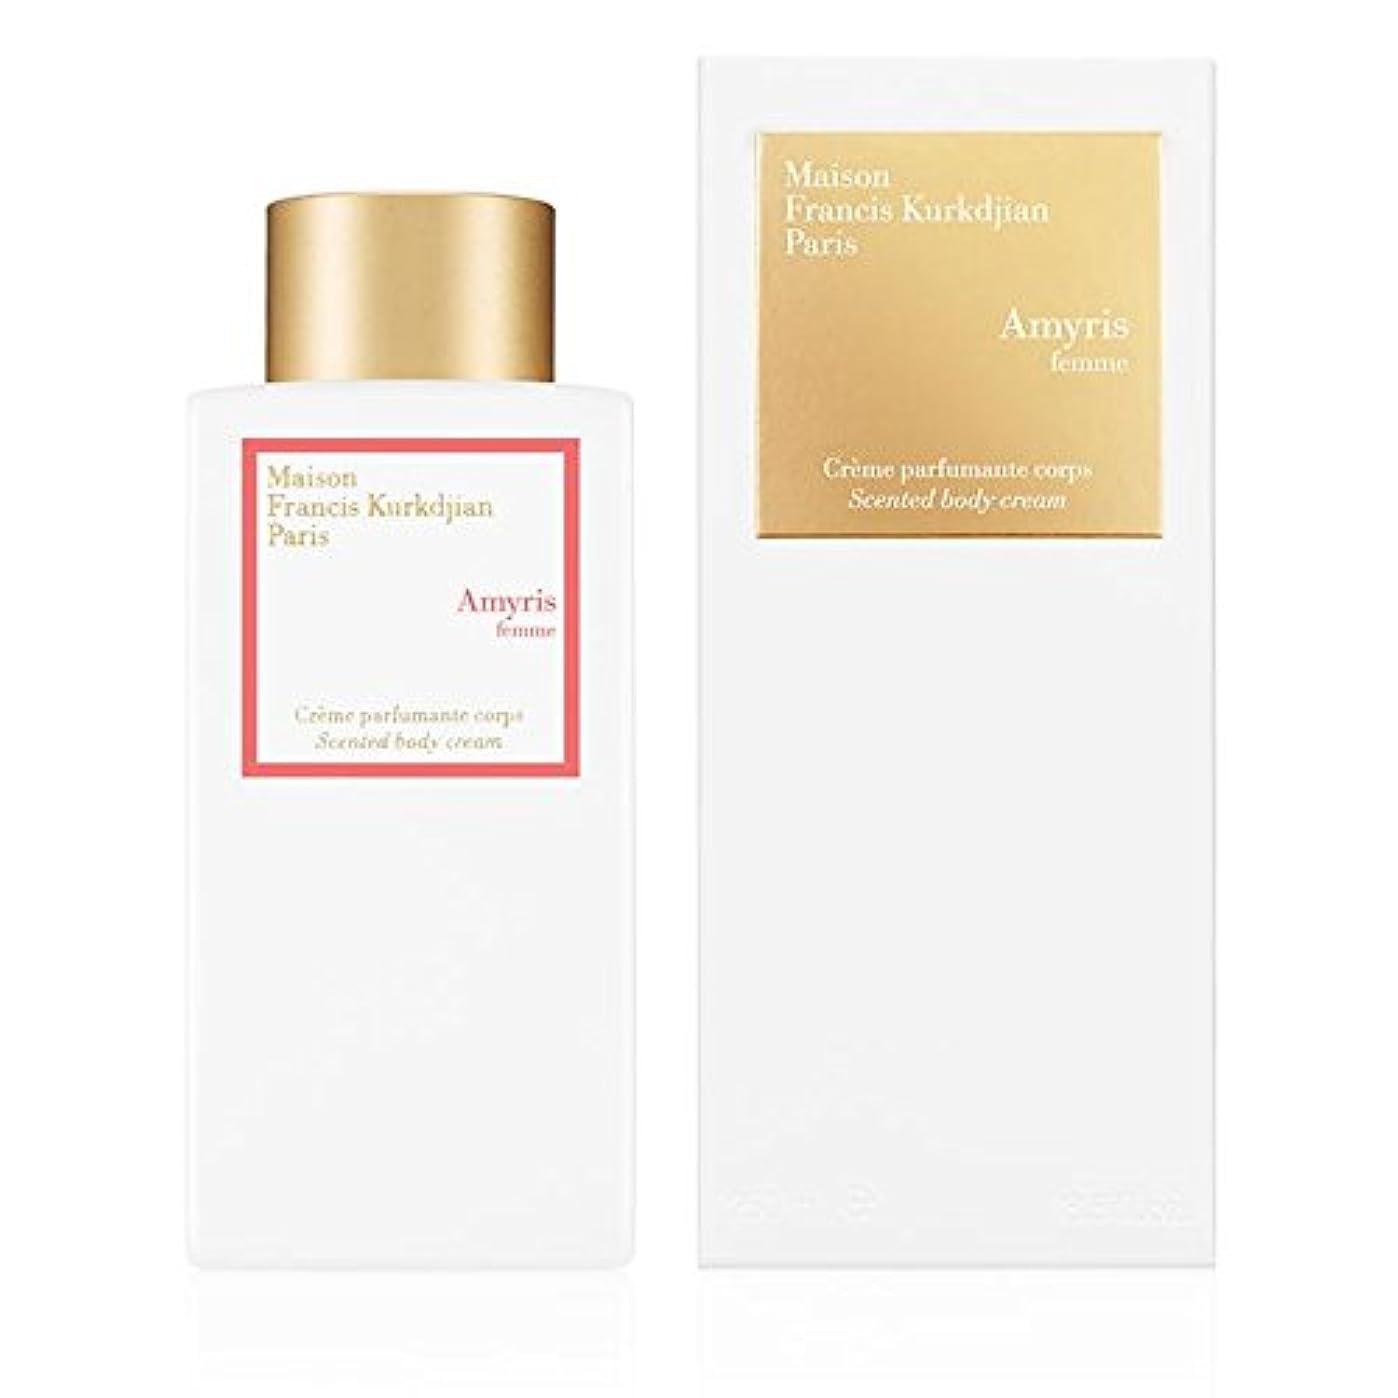 耐久氏敬意を表してメゾン フランシス クルジャン アミリス ファム センテッド ボディクリーム 250ml(Maison Francis Kurkdjian Amyris Femme Scented Body Cream 250ml)[海外直送品...